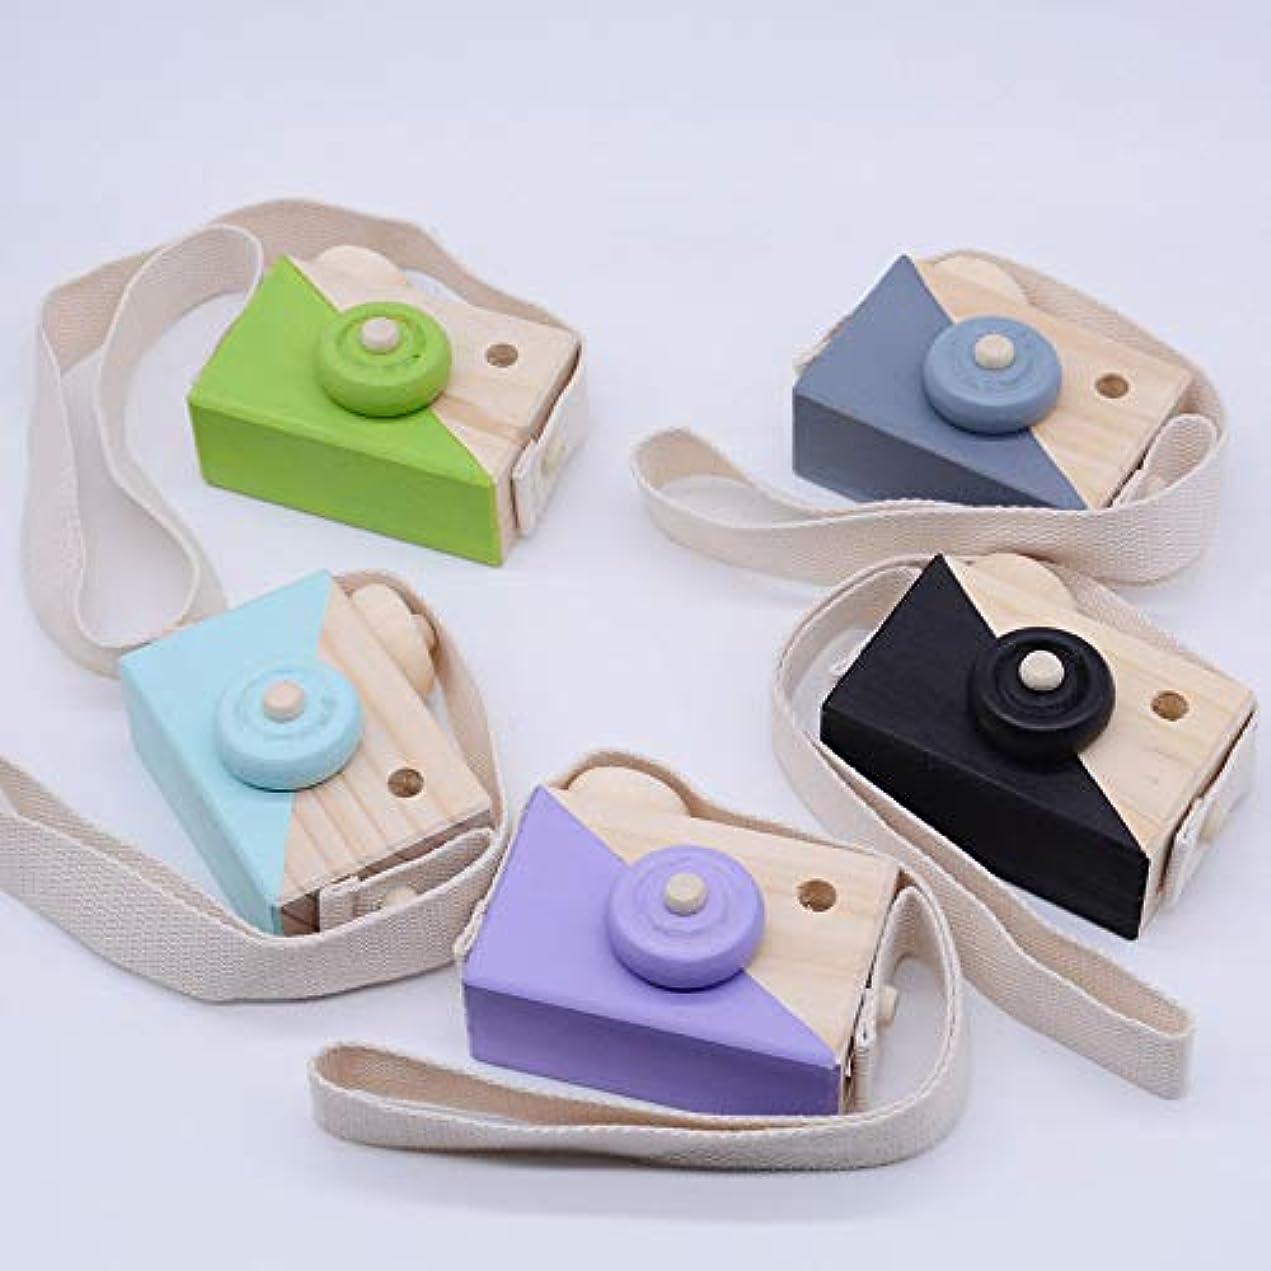 ライラック雑品衝突するミニかわいい木製カメラのおもちゃ安全なナチュラル玩具ベビーキッズファッション服アクセサリー玩具誕生日クリスマスホリデーギフト (緑)